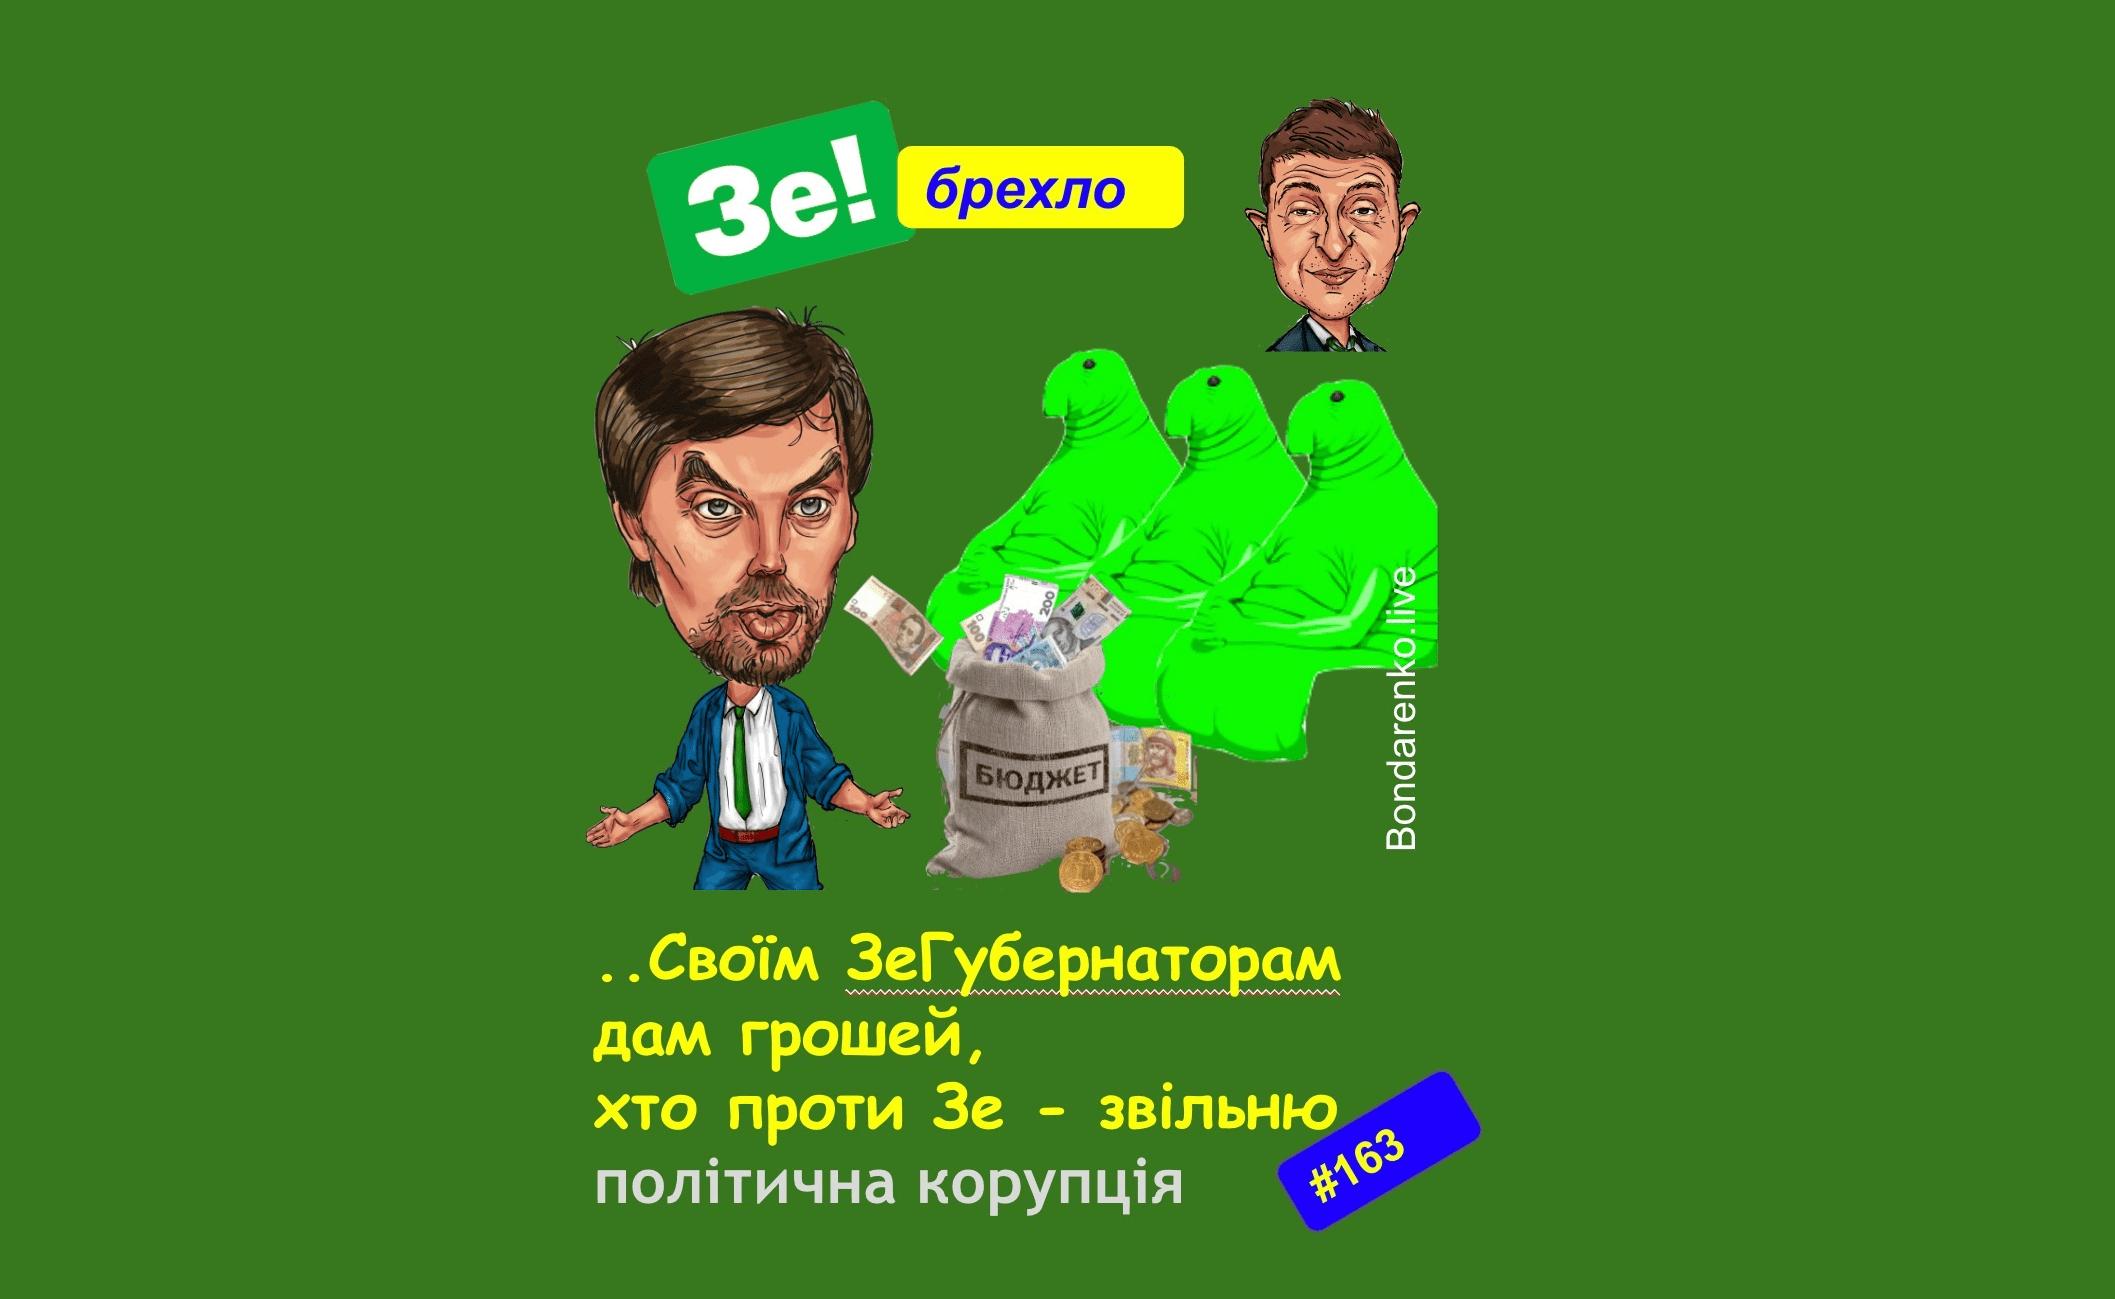 Опять ЗЕ!шквар! Гончарук убеждает «Слуг народа» не передавать в местные бюджеты 7,7 млрд гривен. АУДИО